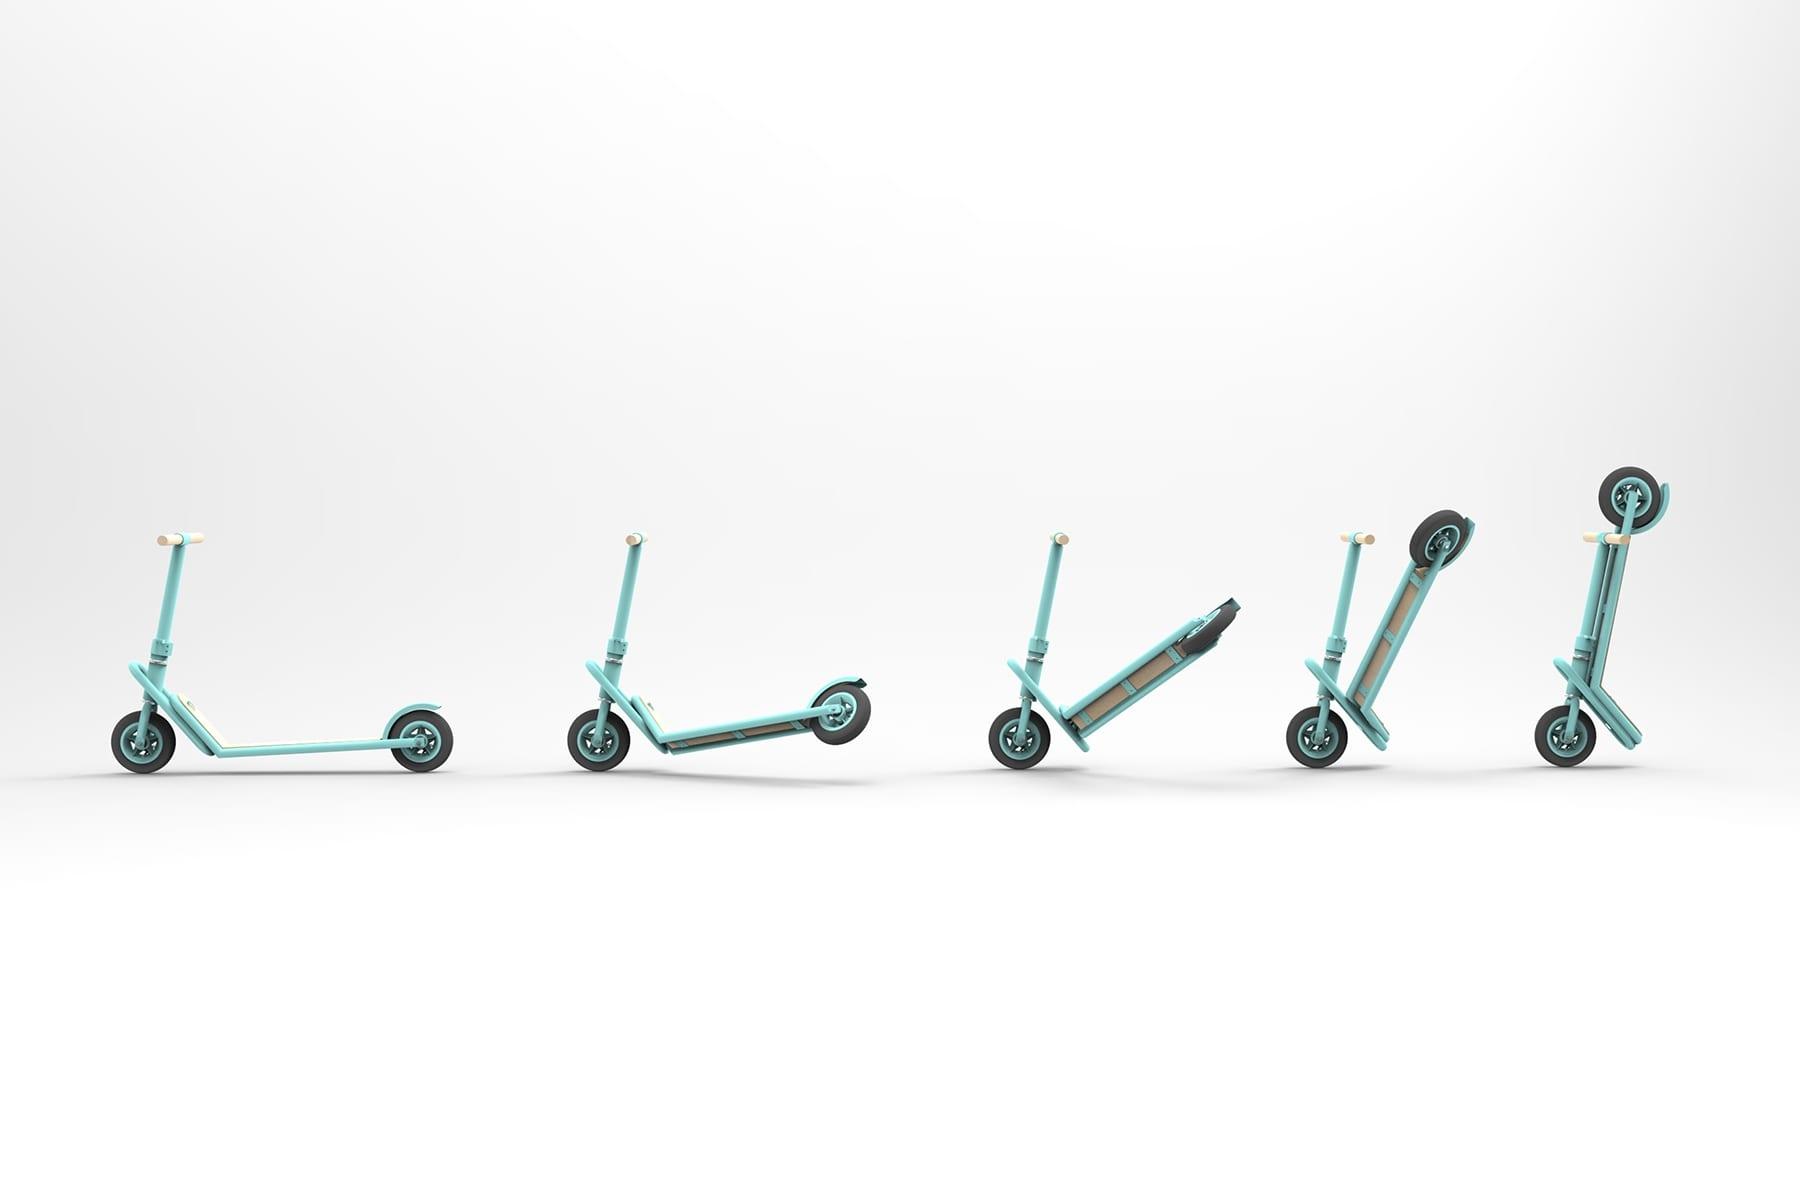 absolutni vitez kolobezky lunt - Odstartujte svou kariéru soutěží Best in Design